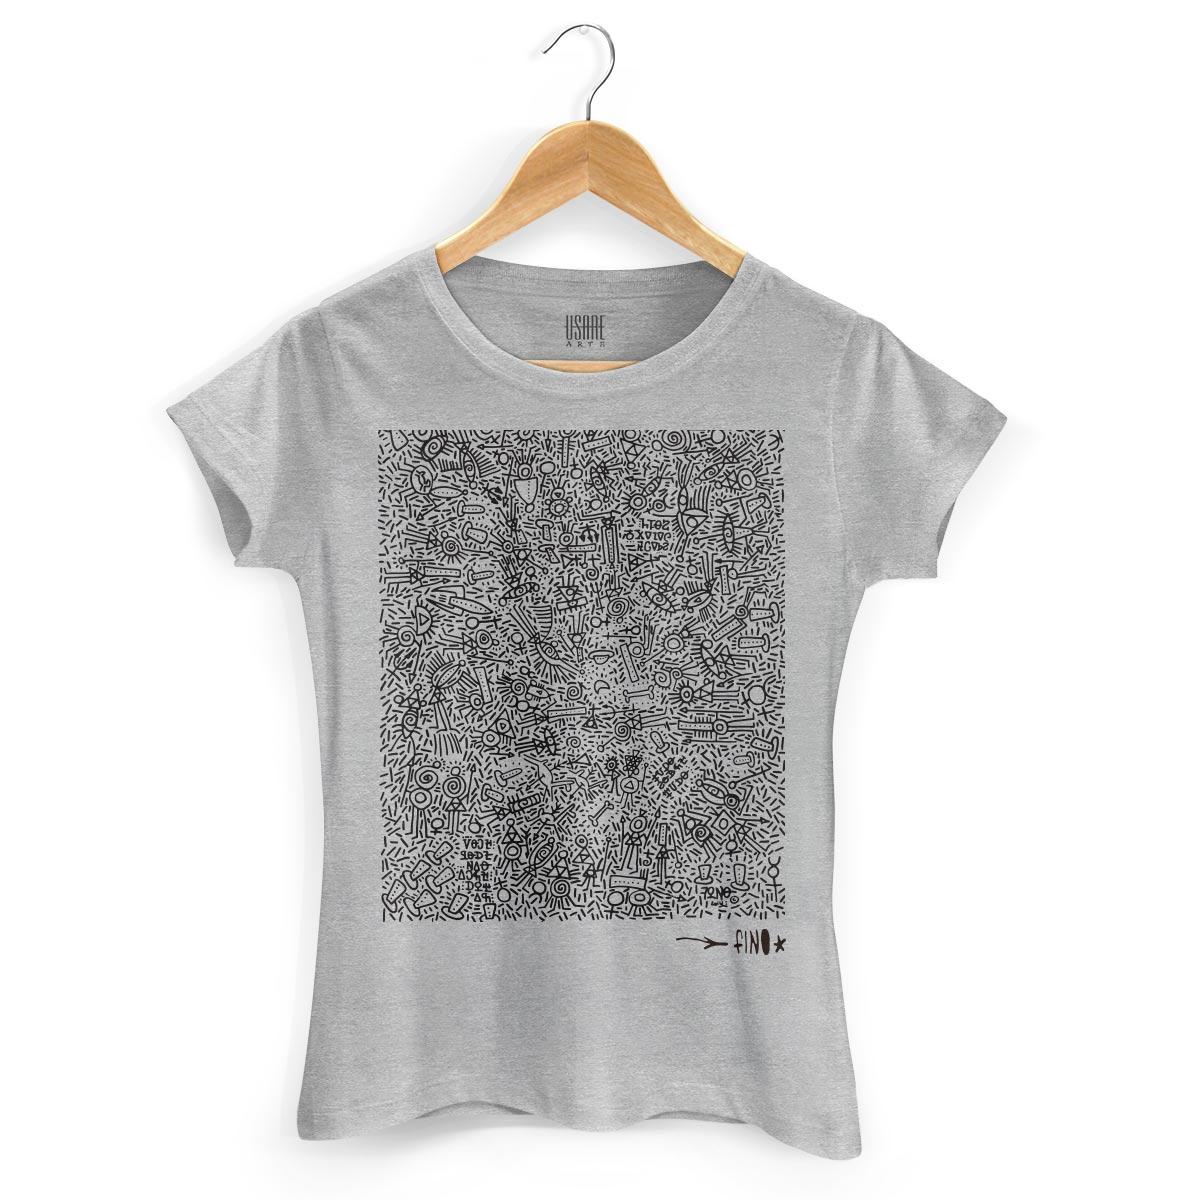 Camiseta Feminina Fino Farofa de Religi�o Gray